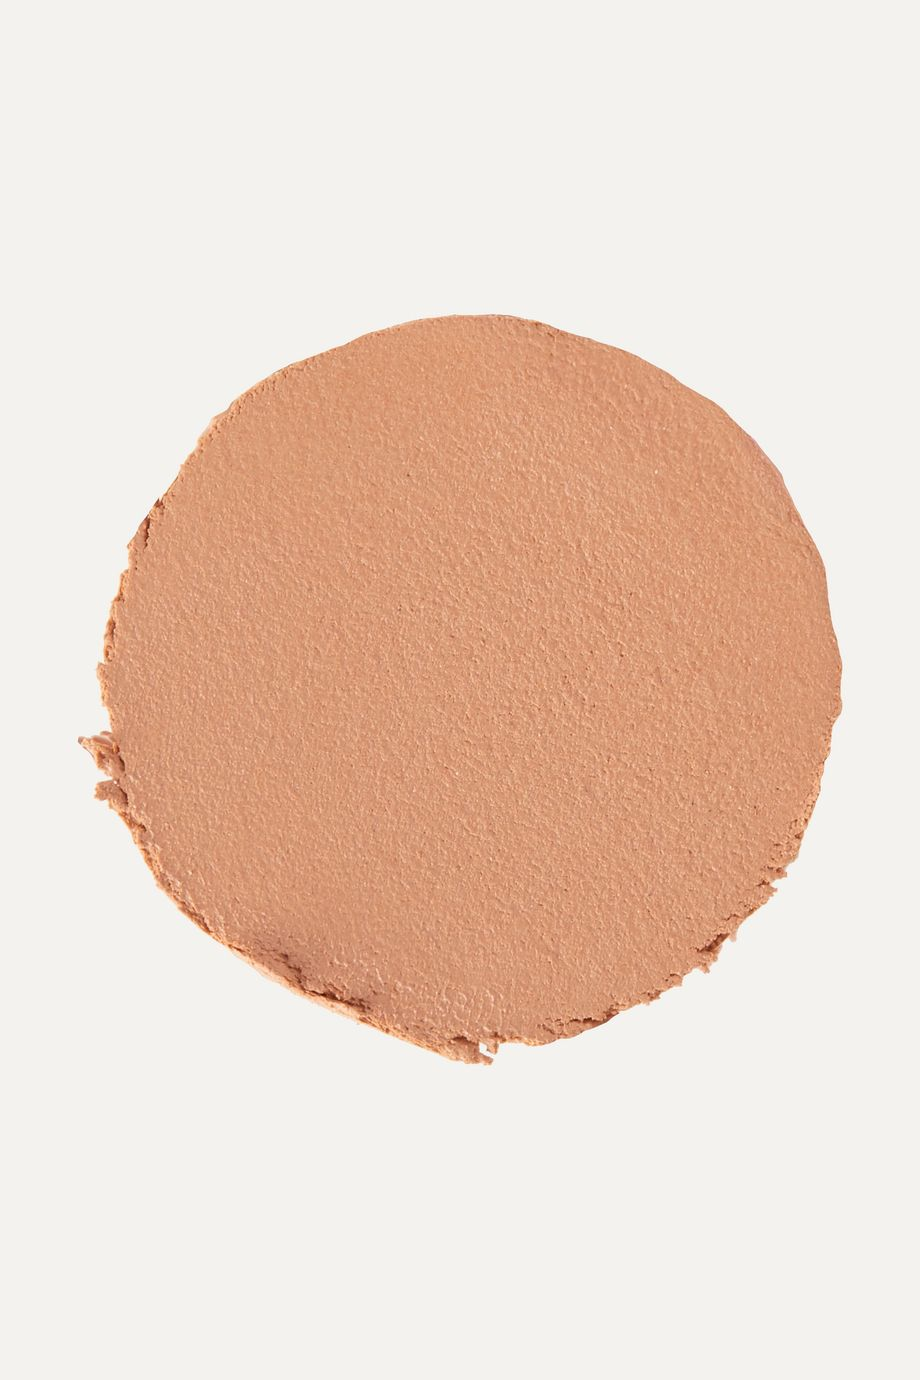 Illamasqua Antimatter Lipstick - Chara